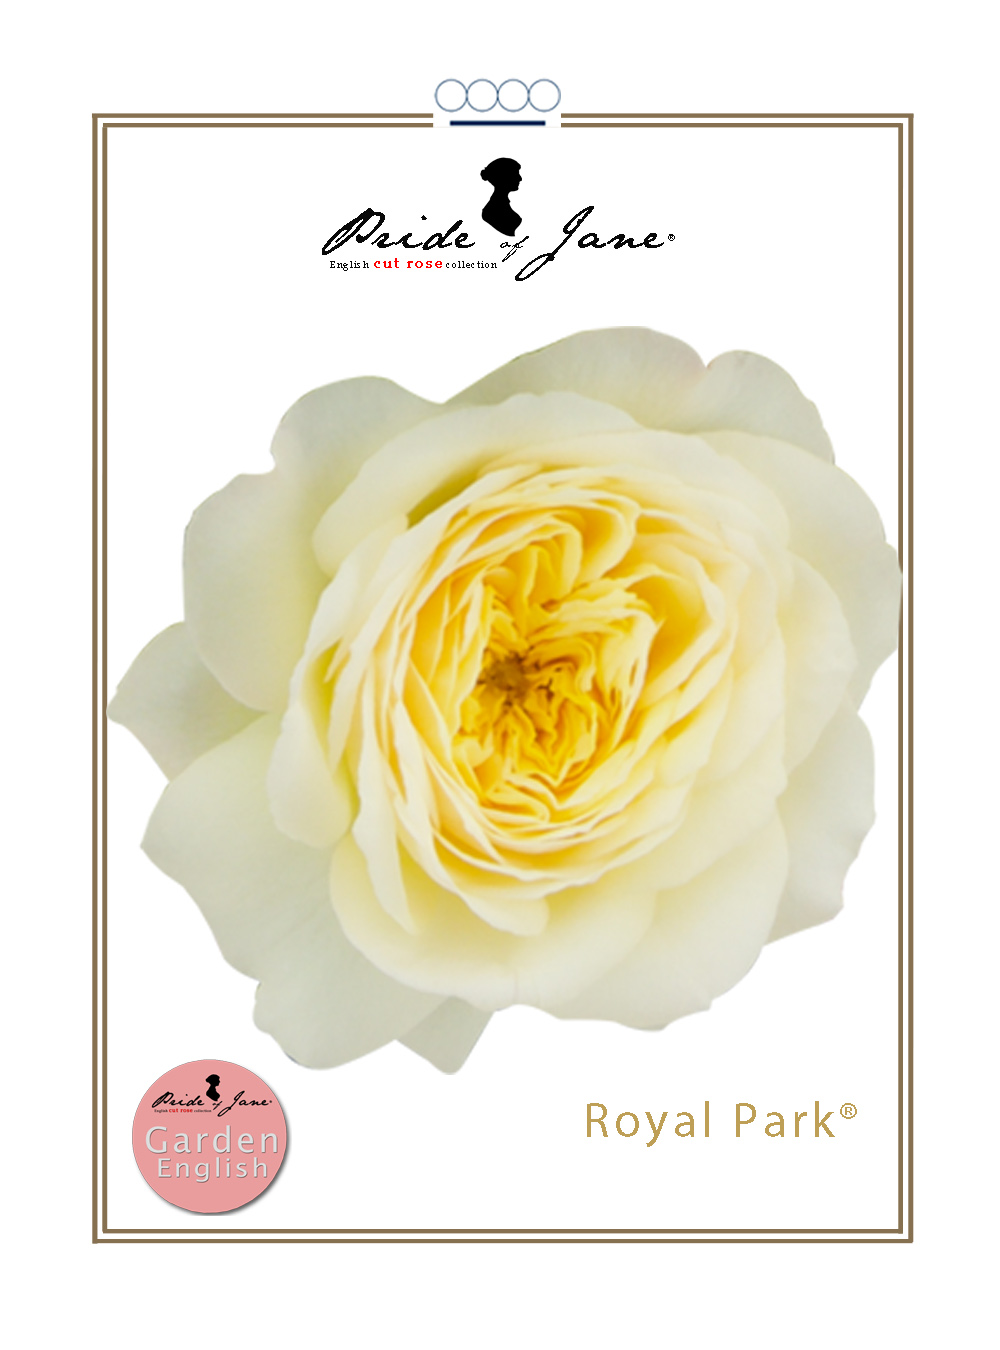 Royal Park®